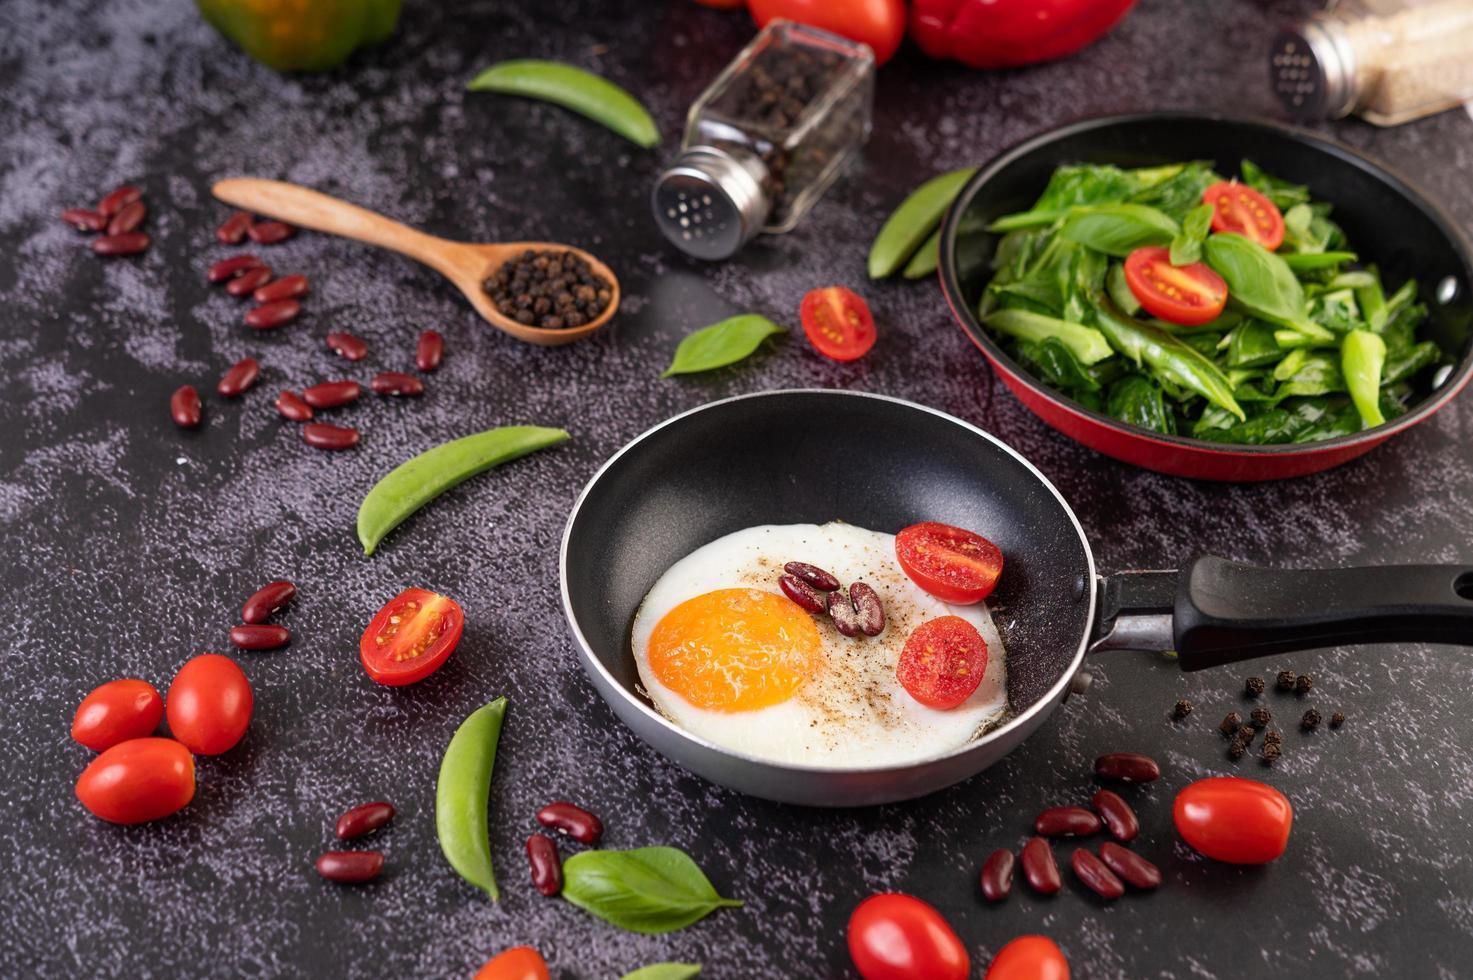 gebakken eieren in een koekenpan met tomaat foto